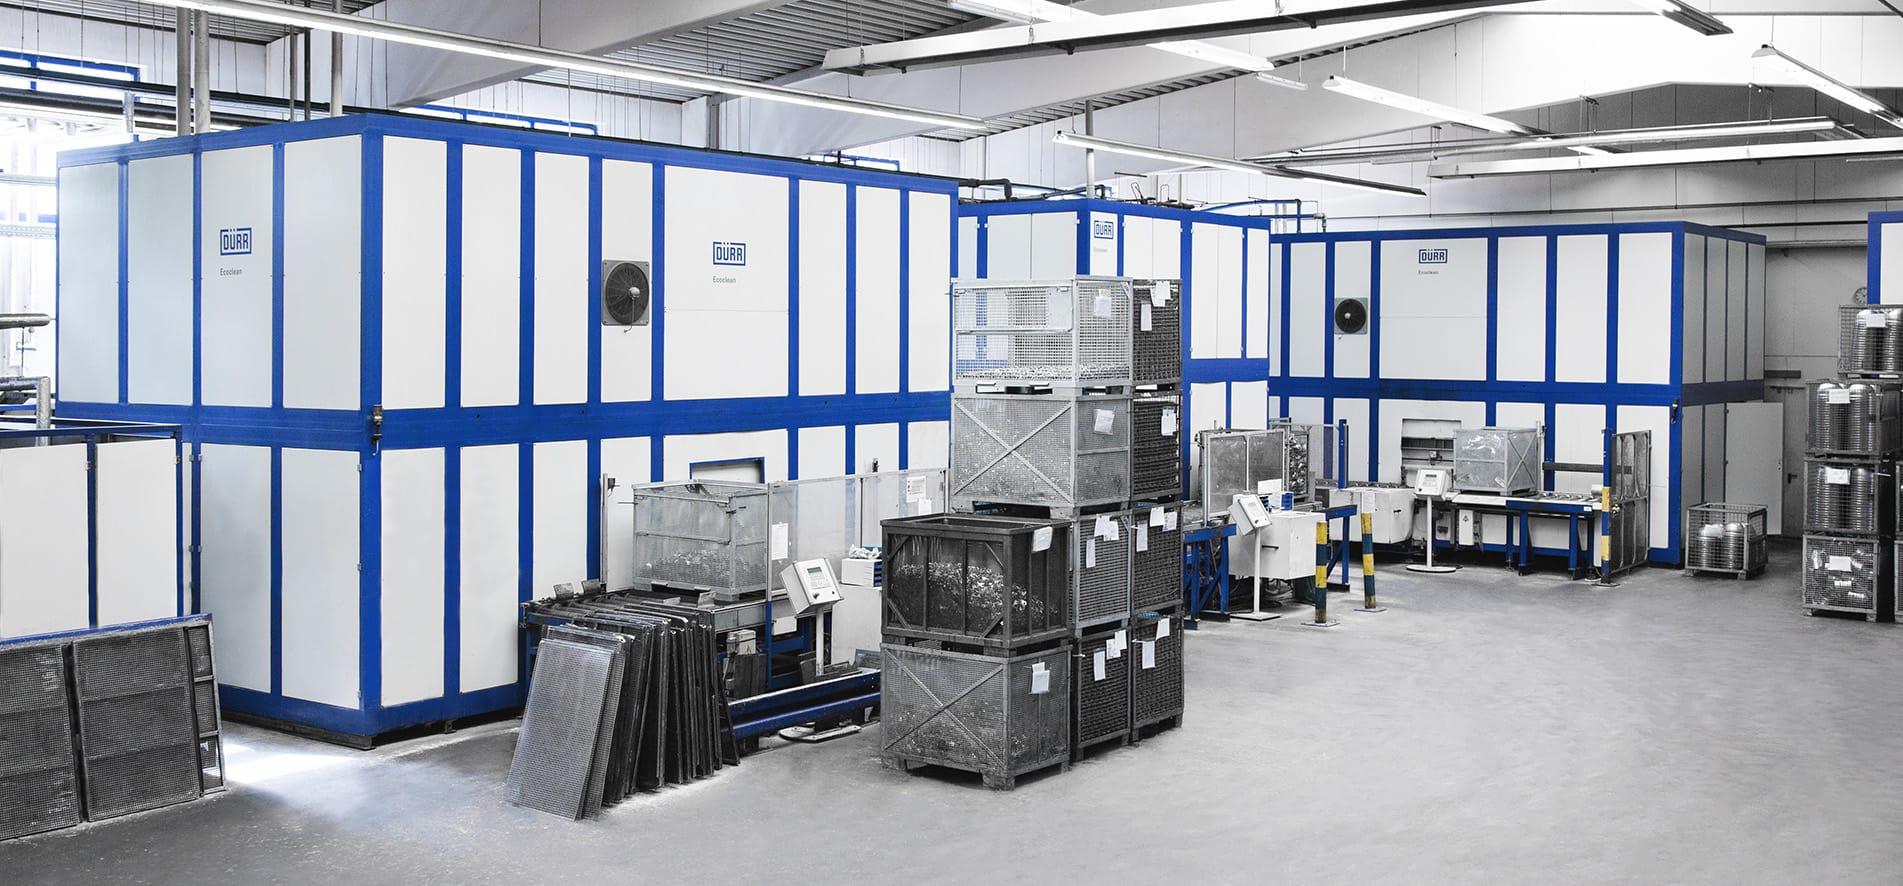 via-oberflaechentechnik-entfetten-feinreinigung-reinigung-sauber-teile-bauteile-reinigungsanlagen